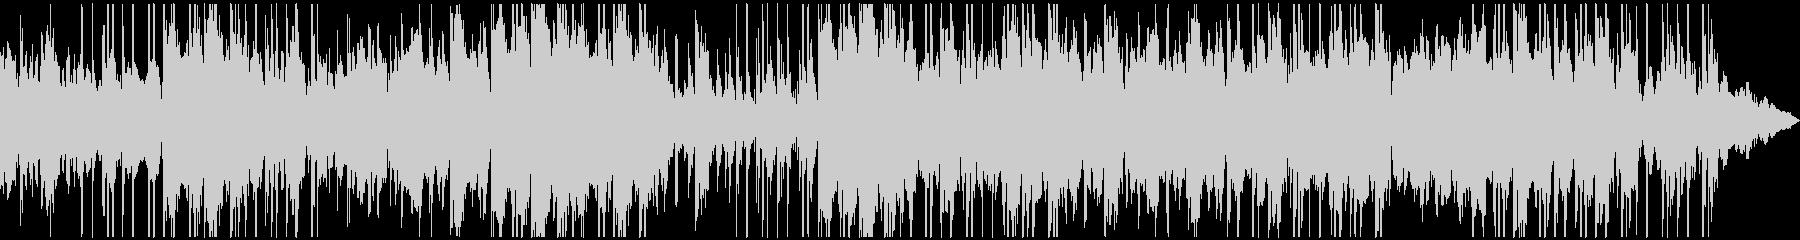 暗いイメージが続くBGMの未再生の波形